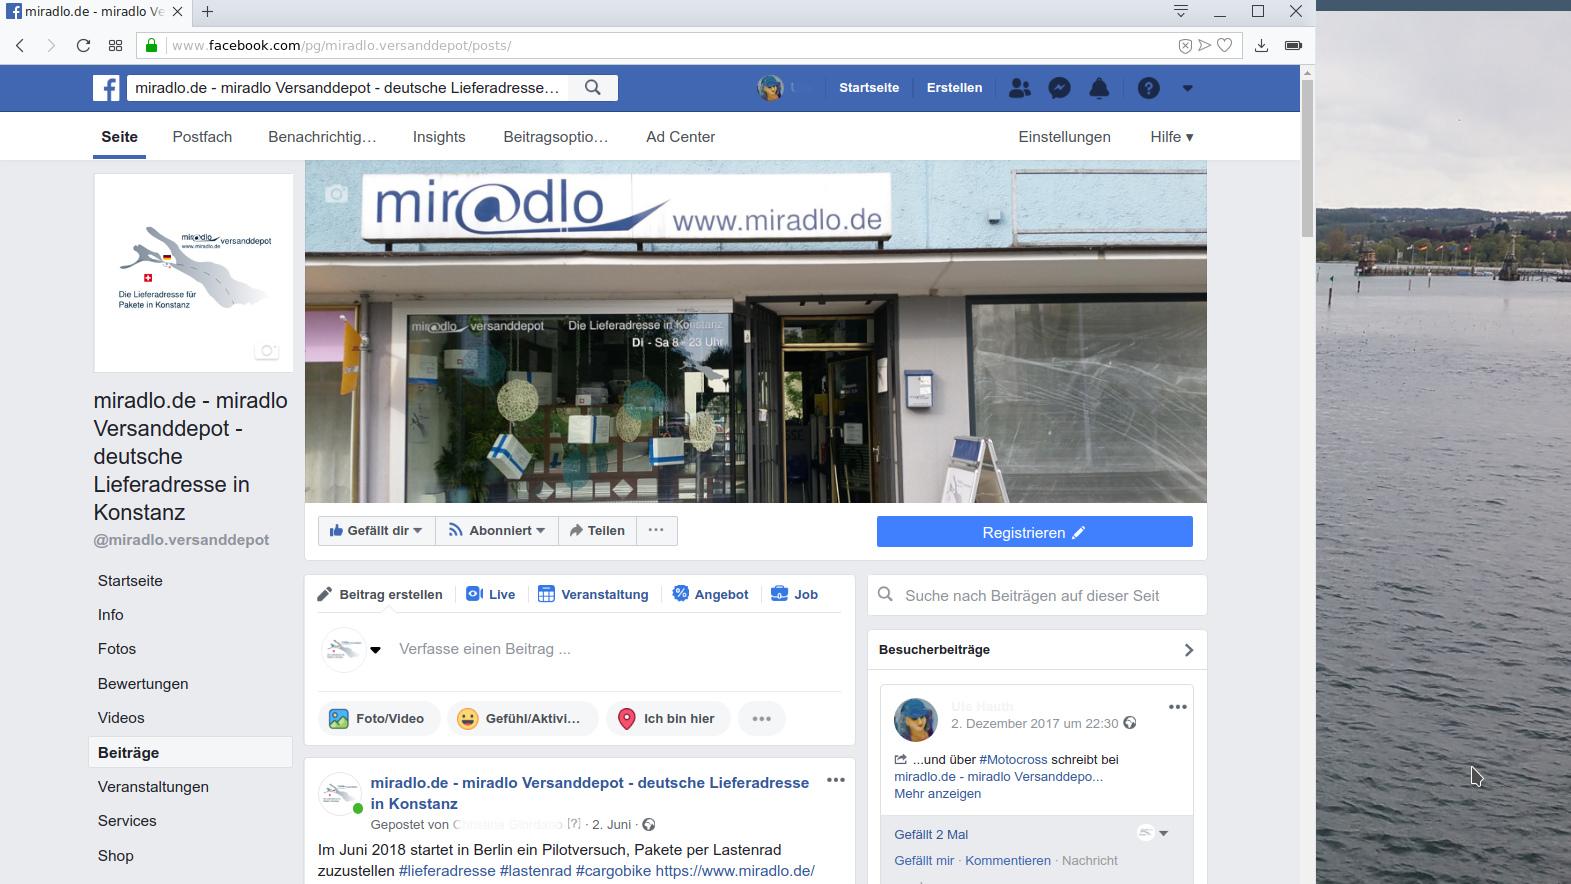 miradlo ist seit heute zurück auf Facebook - miradlo-Versanddepot-